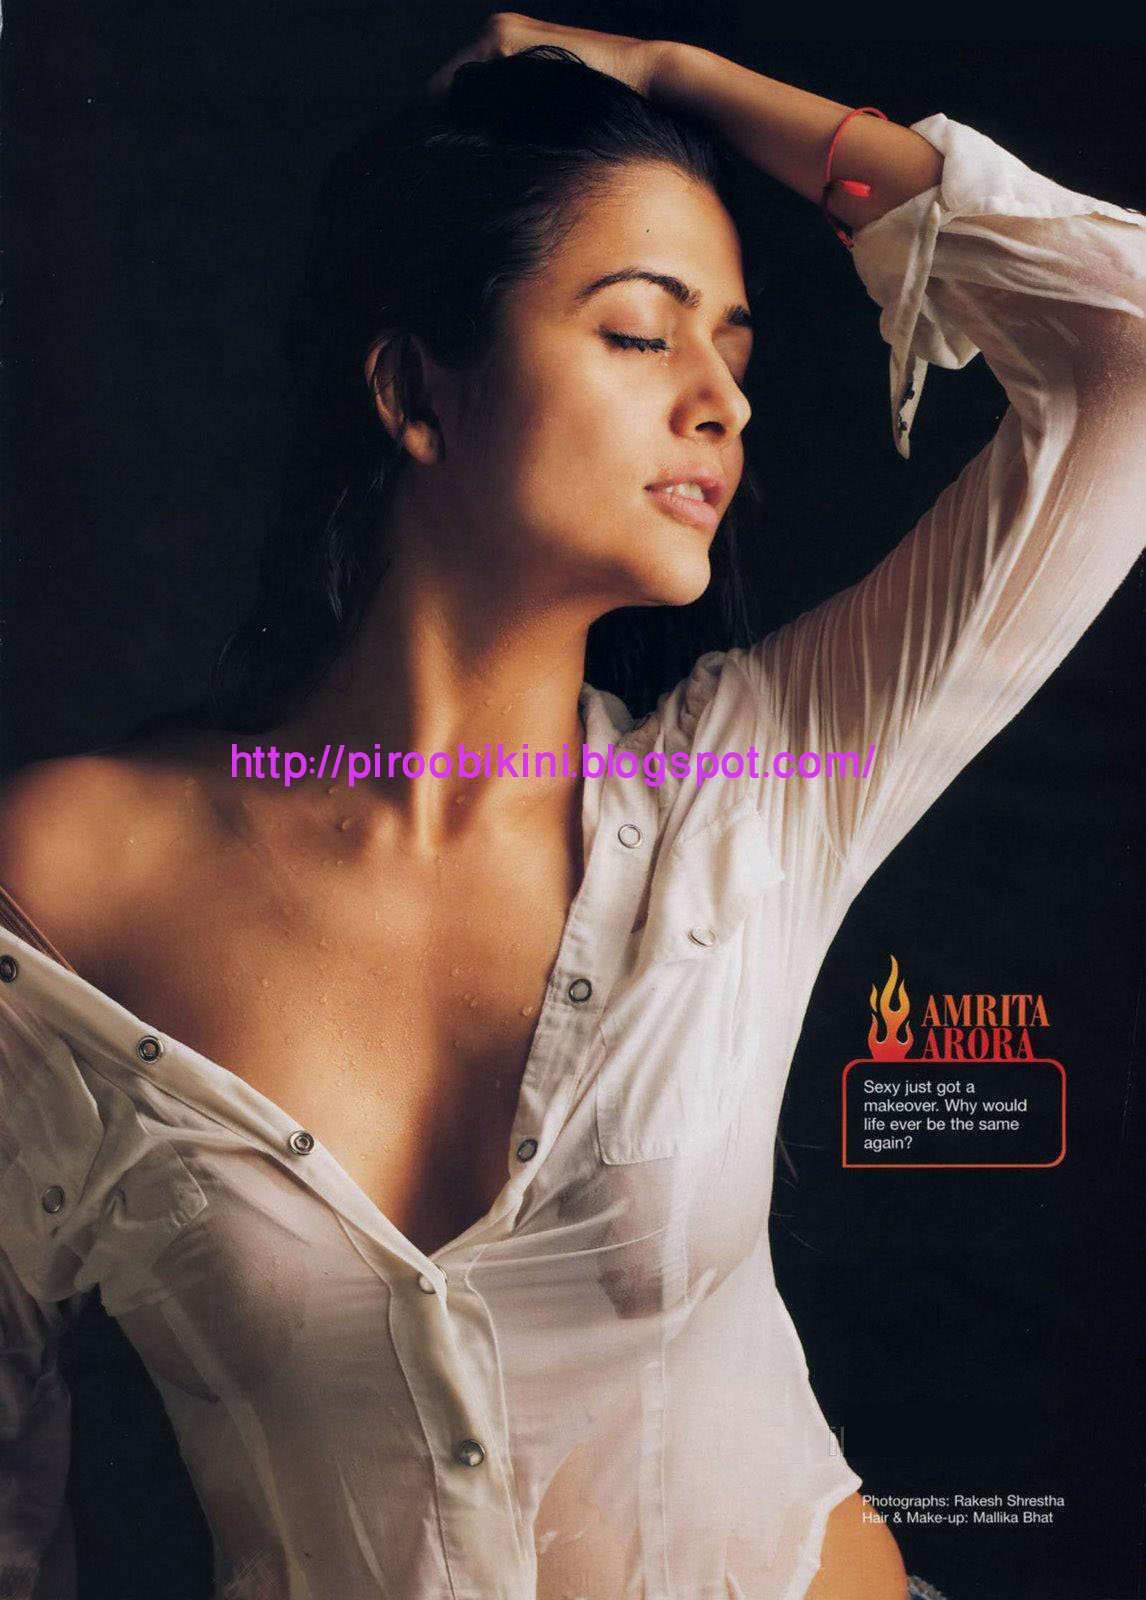 With Amrita arora boob picture commit error